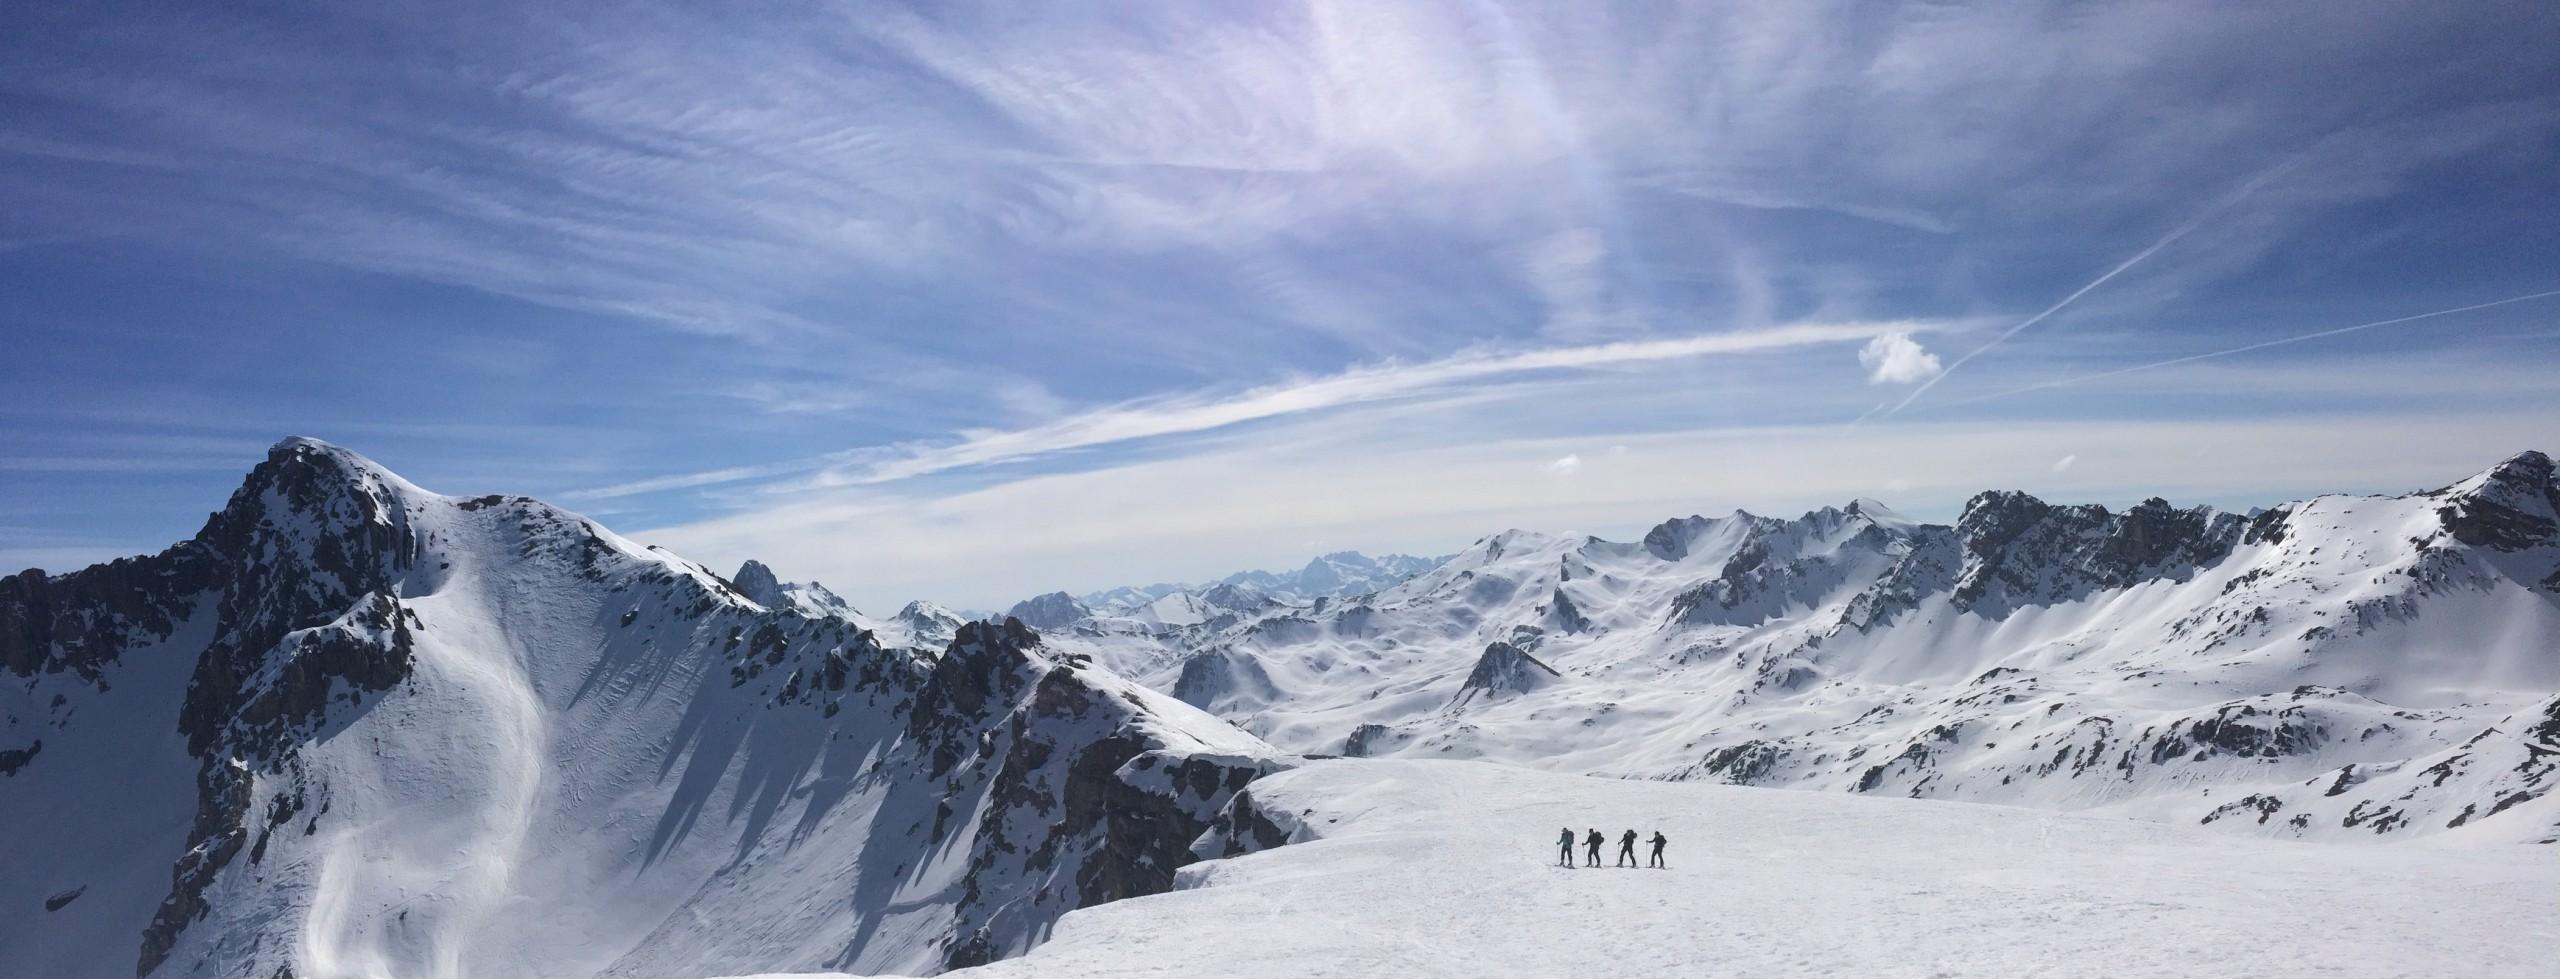 Spécialiste en ski de randonnée et cascade de glace. Queyras, Ecrins, Hautes-Alpes